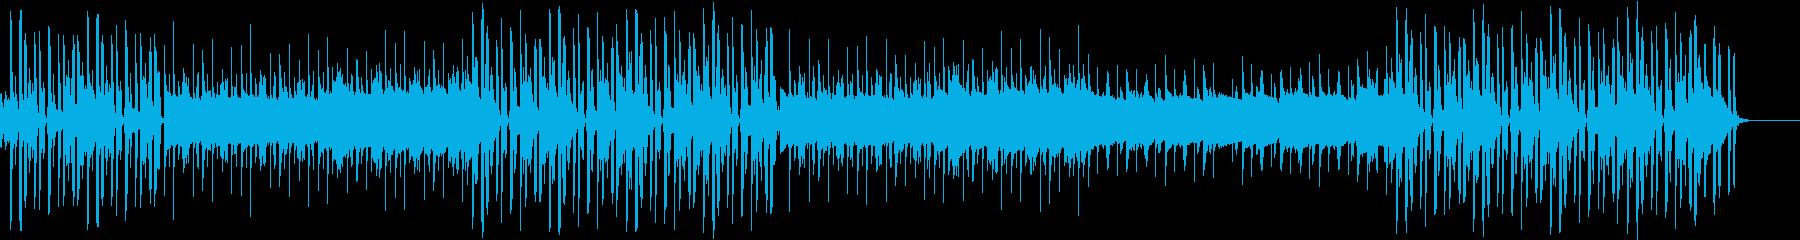 散歩中に流れてきそうなチルアウトの再生済みの波形